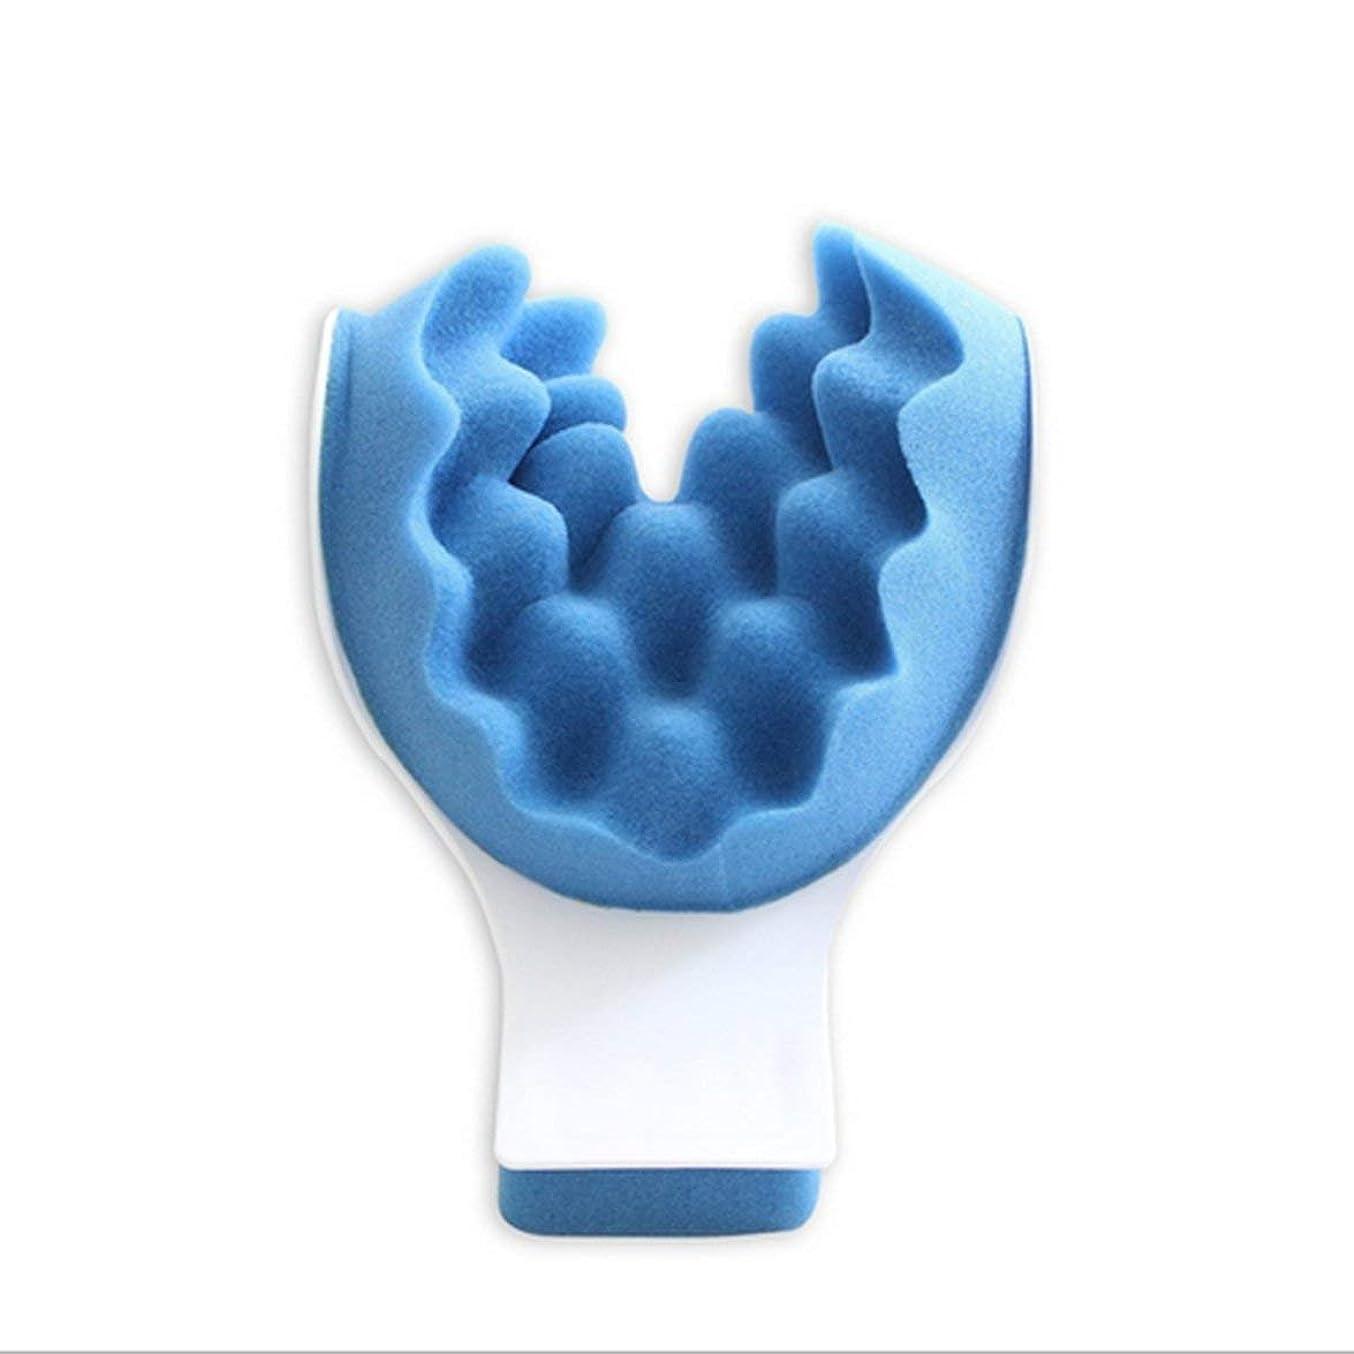 上流のリスト病的マッスルテンションリリーフタイトネスと痛みの緩和セラピーティックネックサポートテンションリリーフネック&ショルダーリラクサー - ブルー